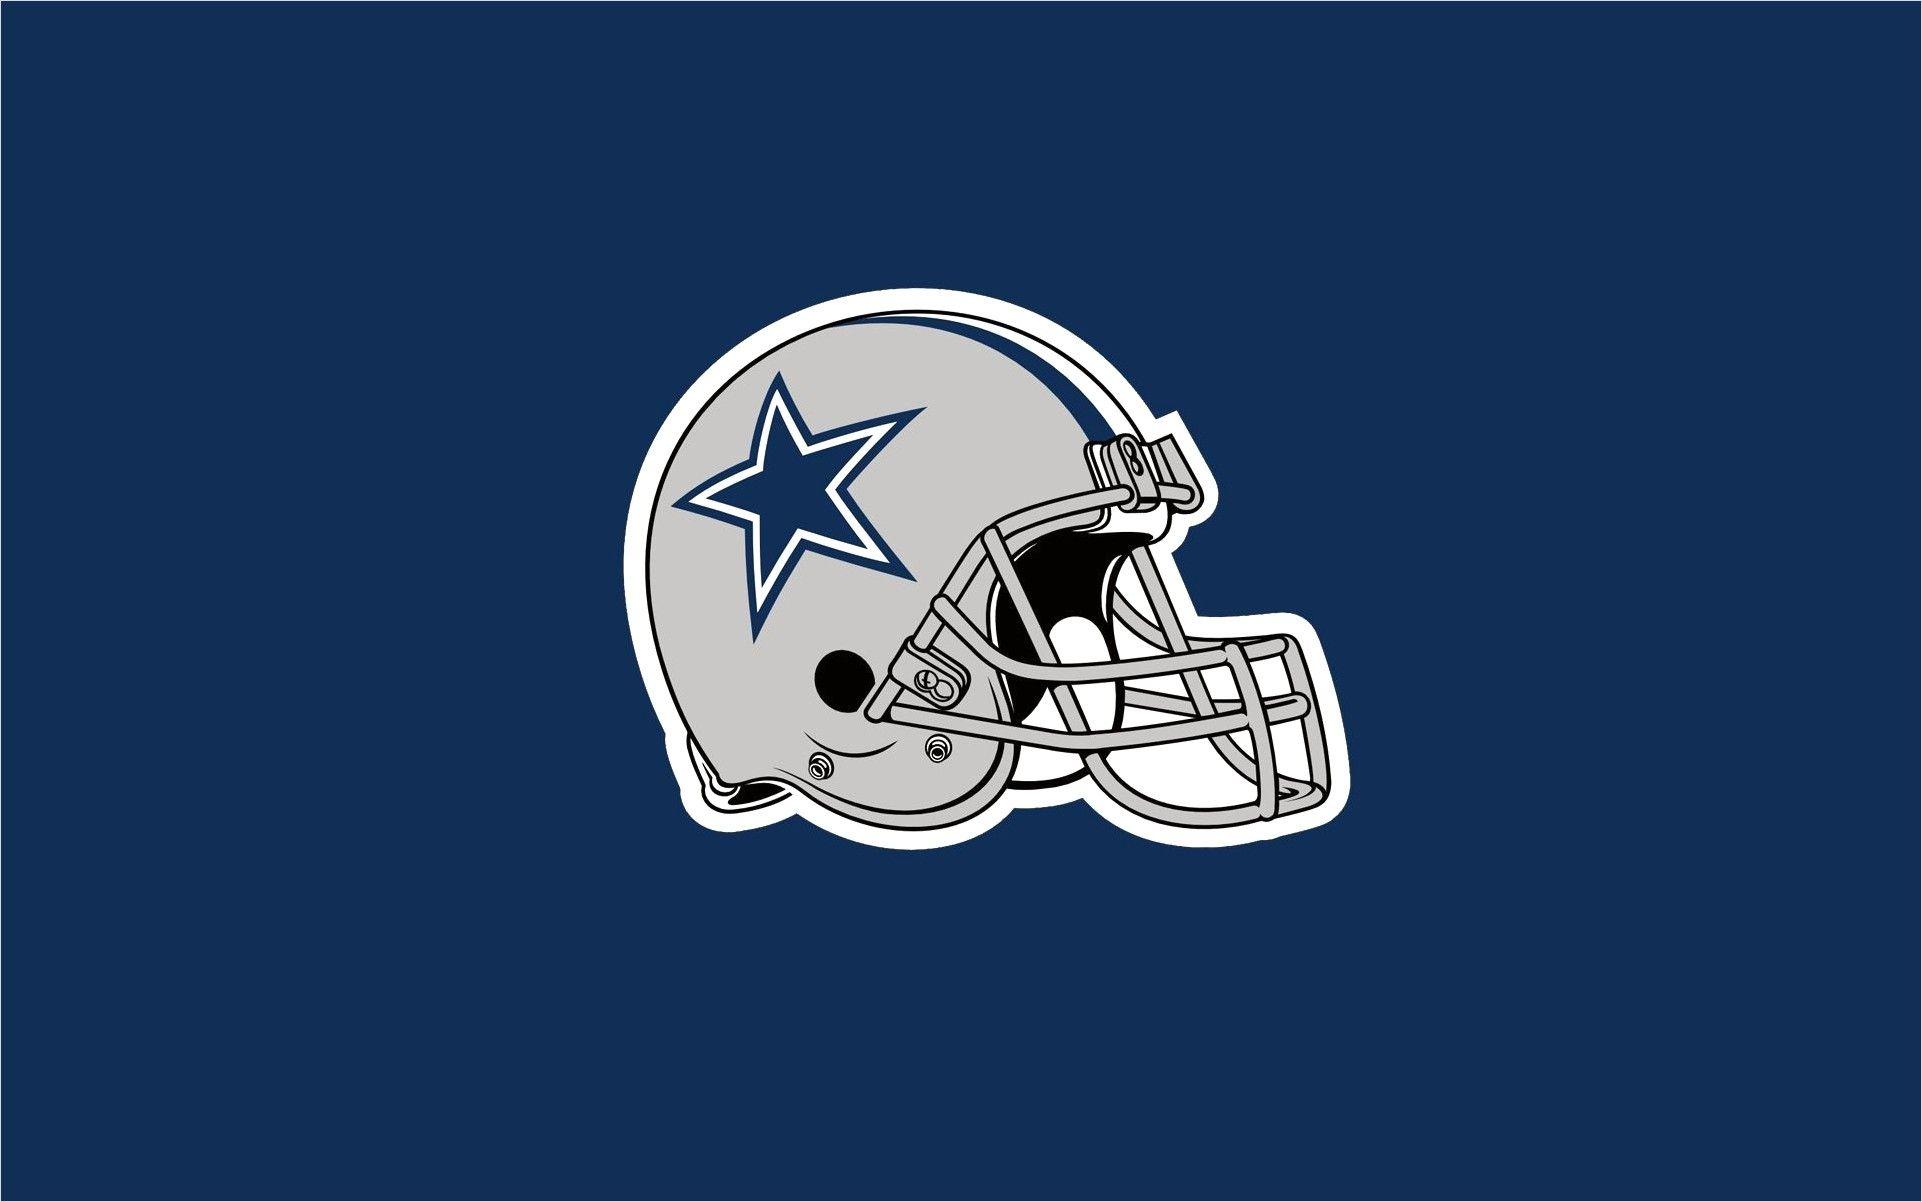 4k Nfl Dallas Wallpaper In 2020 Dallas Cowboys Wallpaper Cowboys Helmet Dallas Cowboys